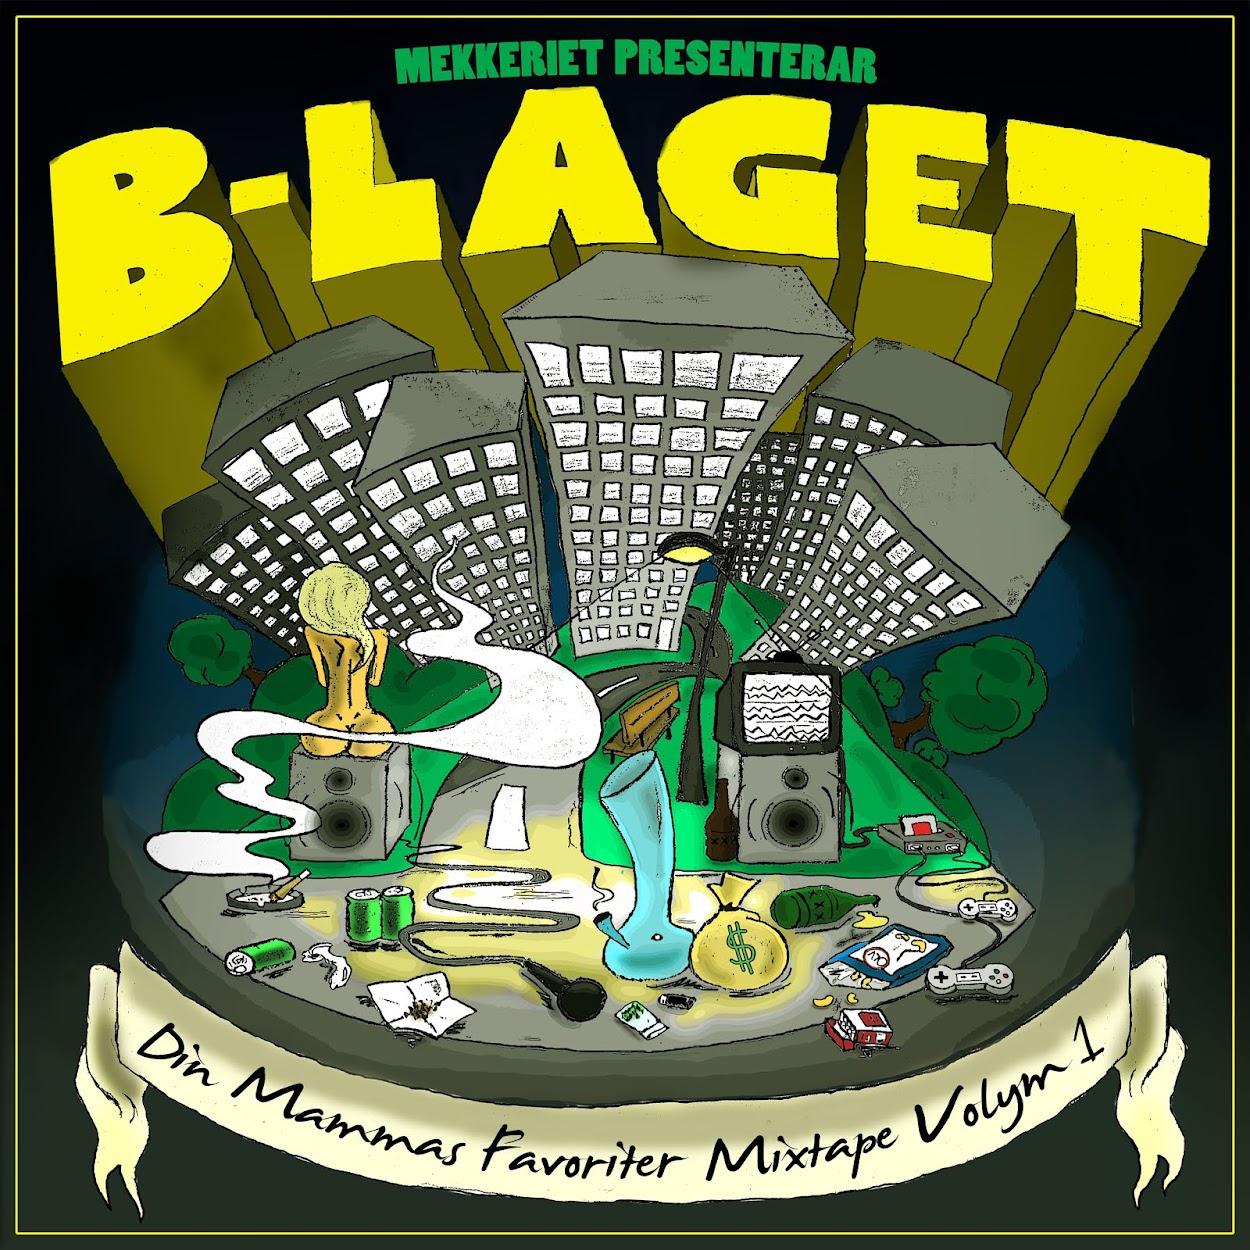 B-LOGGEN - blaget.blogspot.com